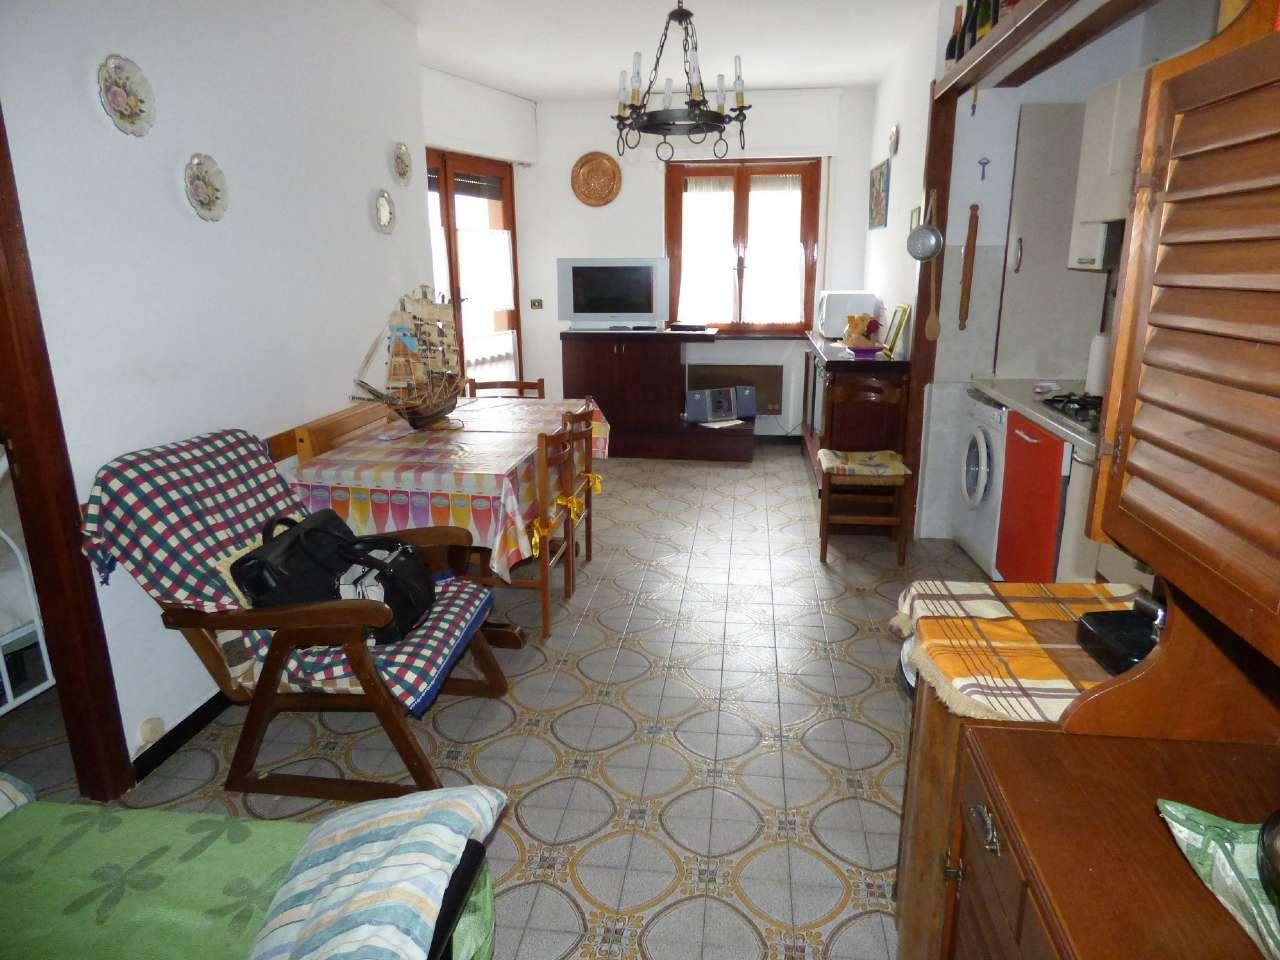 Appartamento in vendita a Moconesi, 4 locali, prezzo € 17.000 | PortaleAgenzieImmobiliari.it